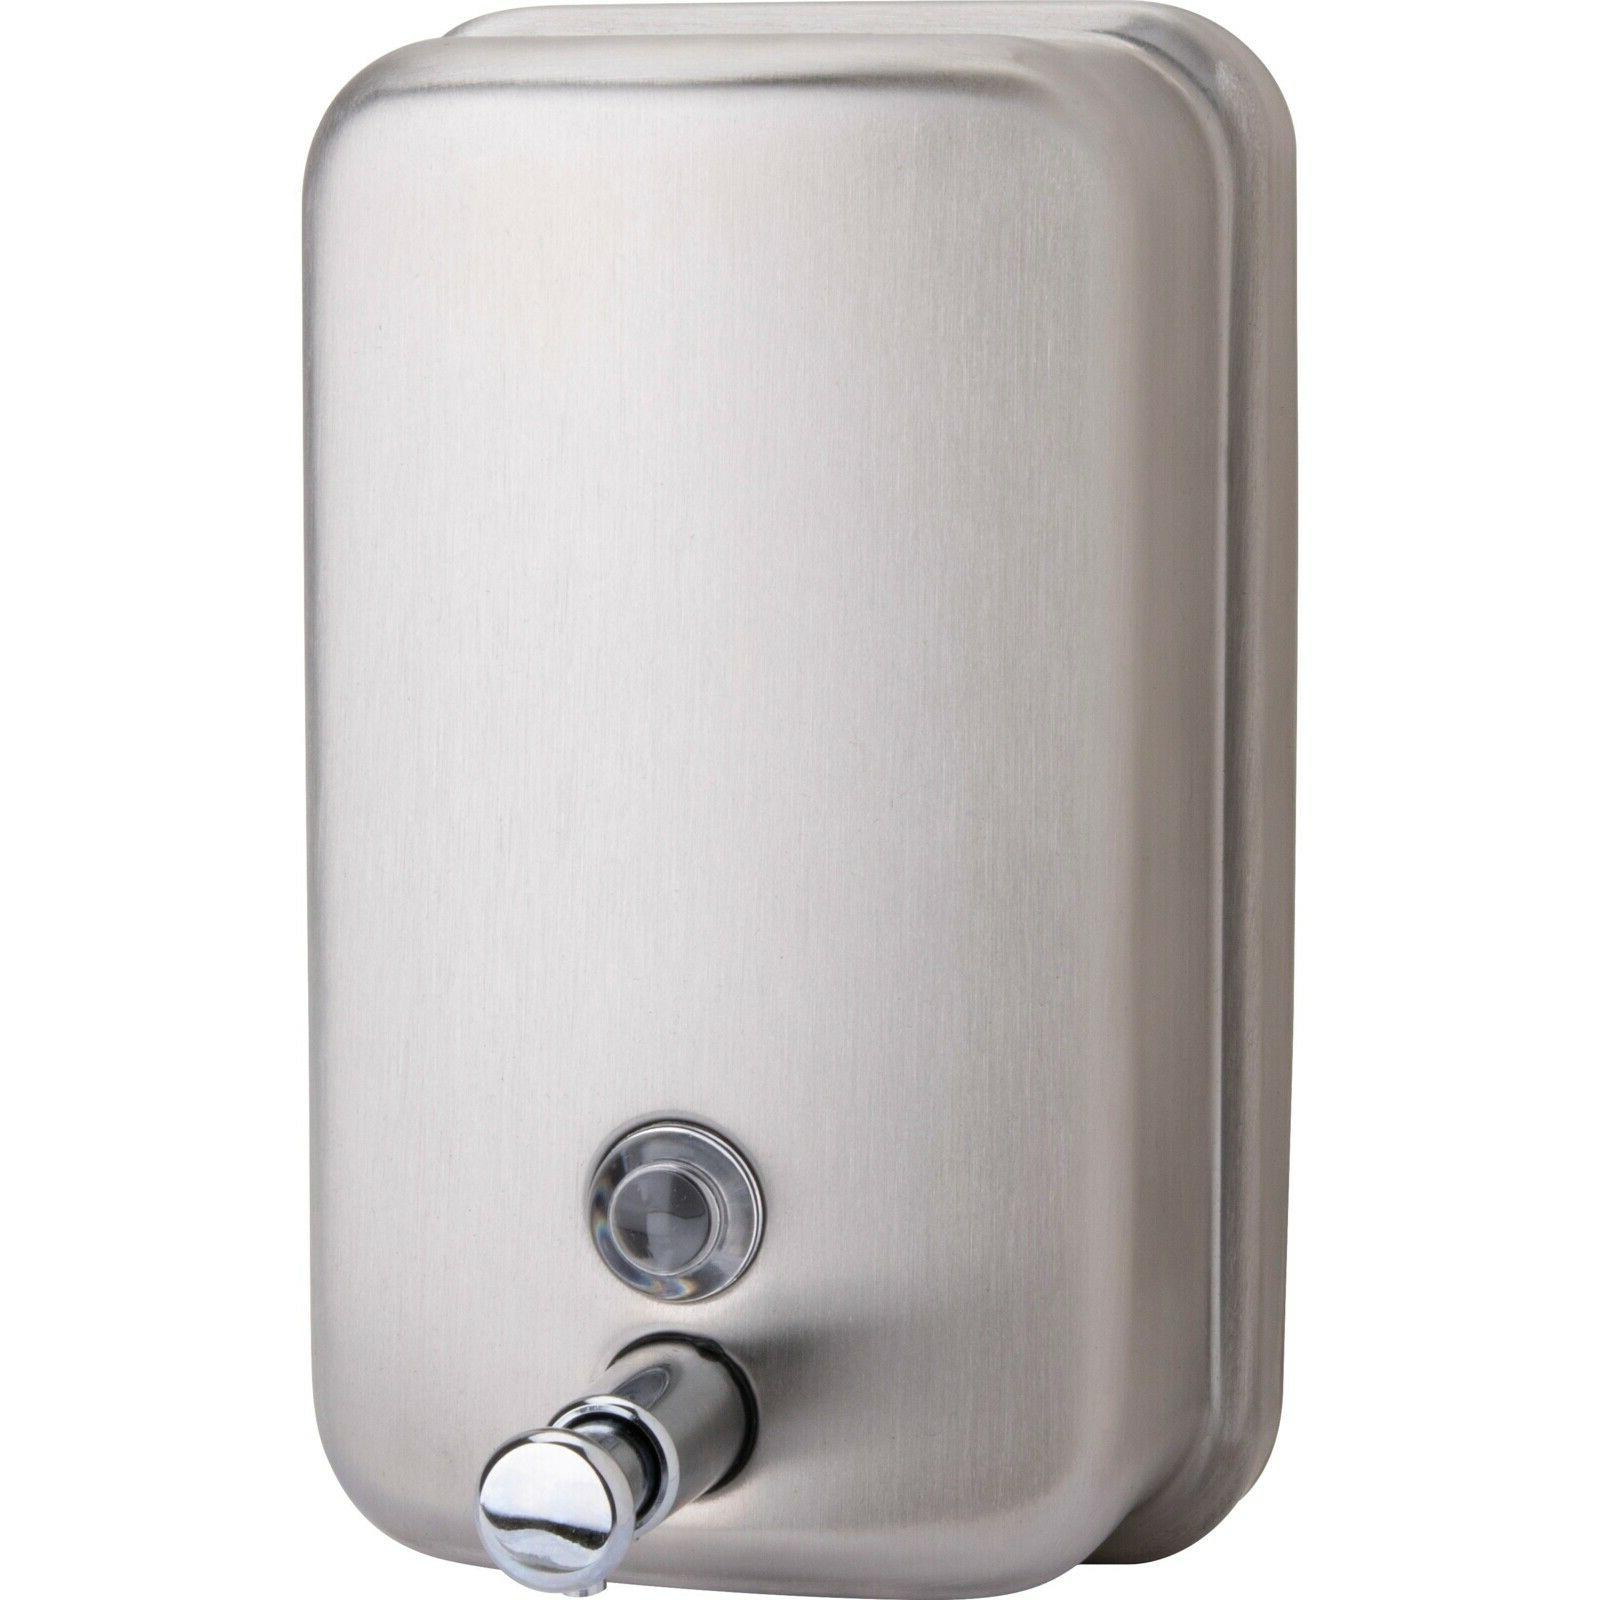 Genuine Gjo-02201 Steel Dispenser Manual